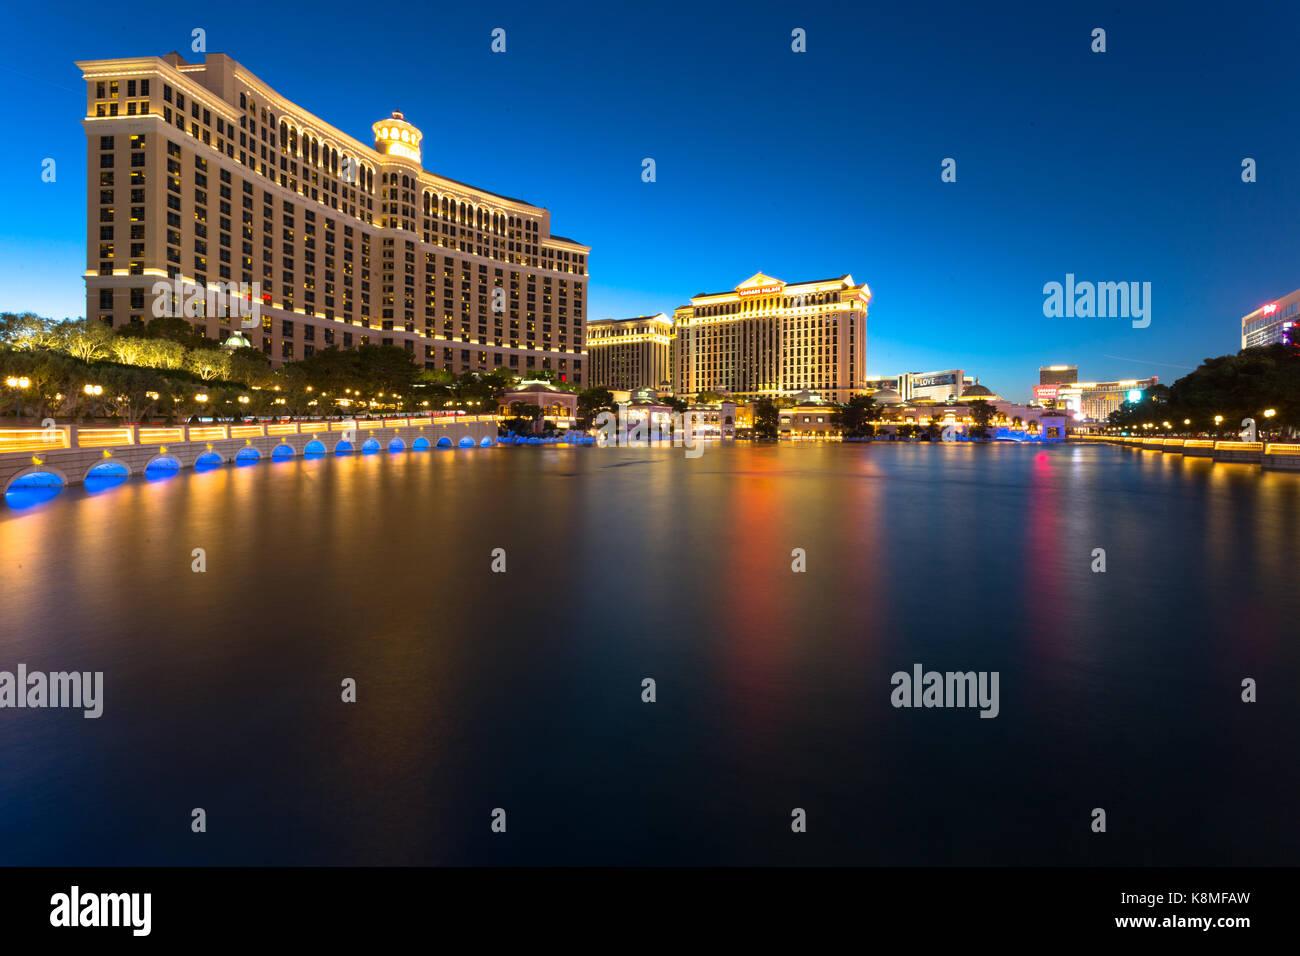 Lange Belichtung des Bellagio Hotel und Casino bei Nacht gegen dark blue sky - Las Vegas, NV Stockfoto